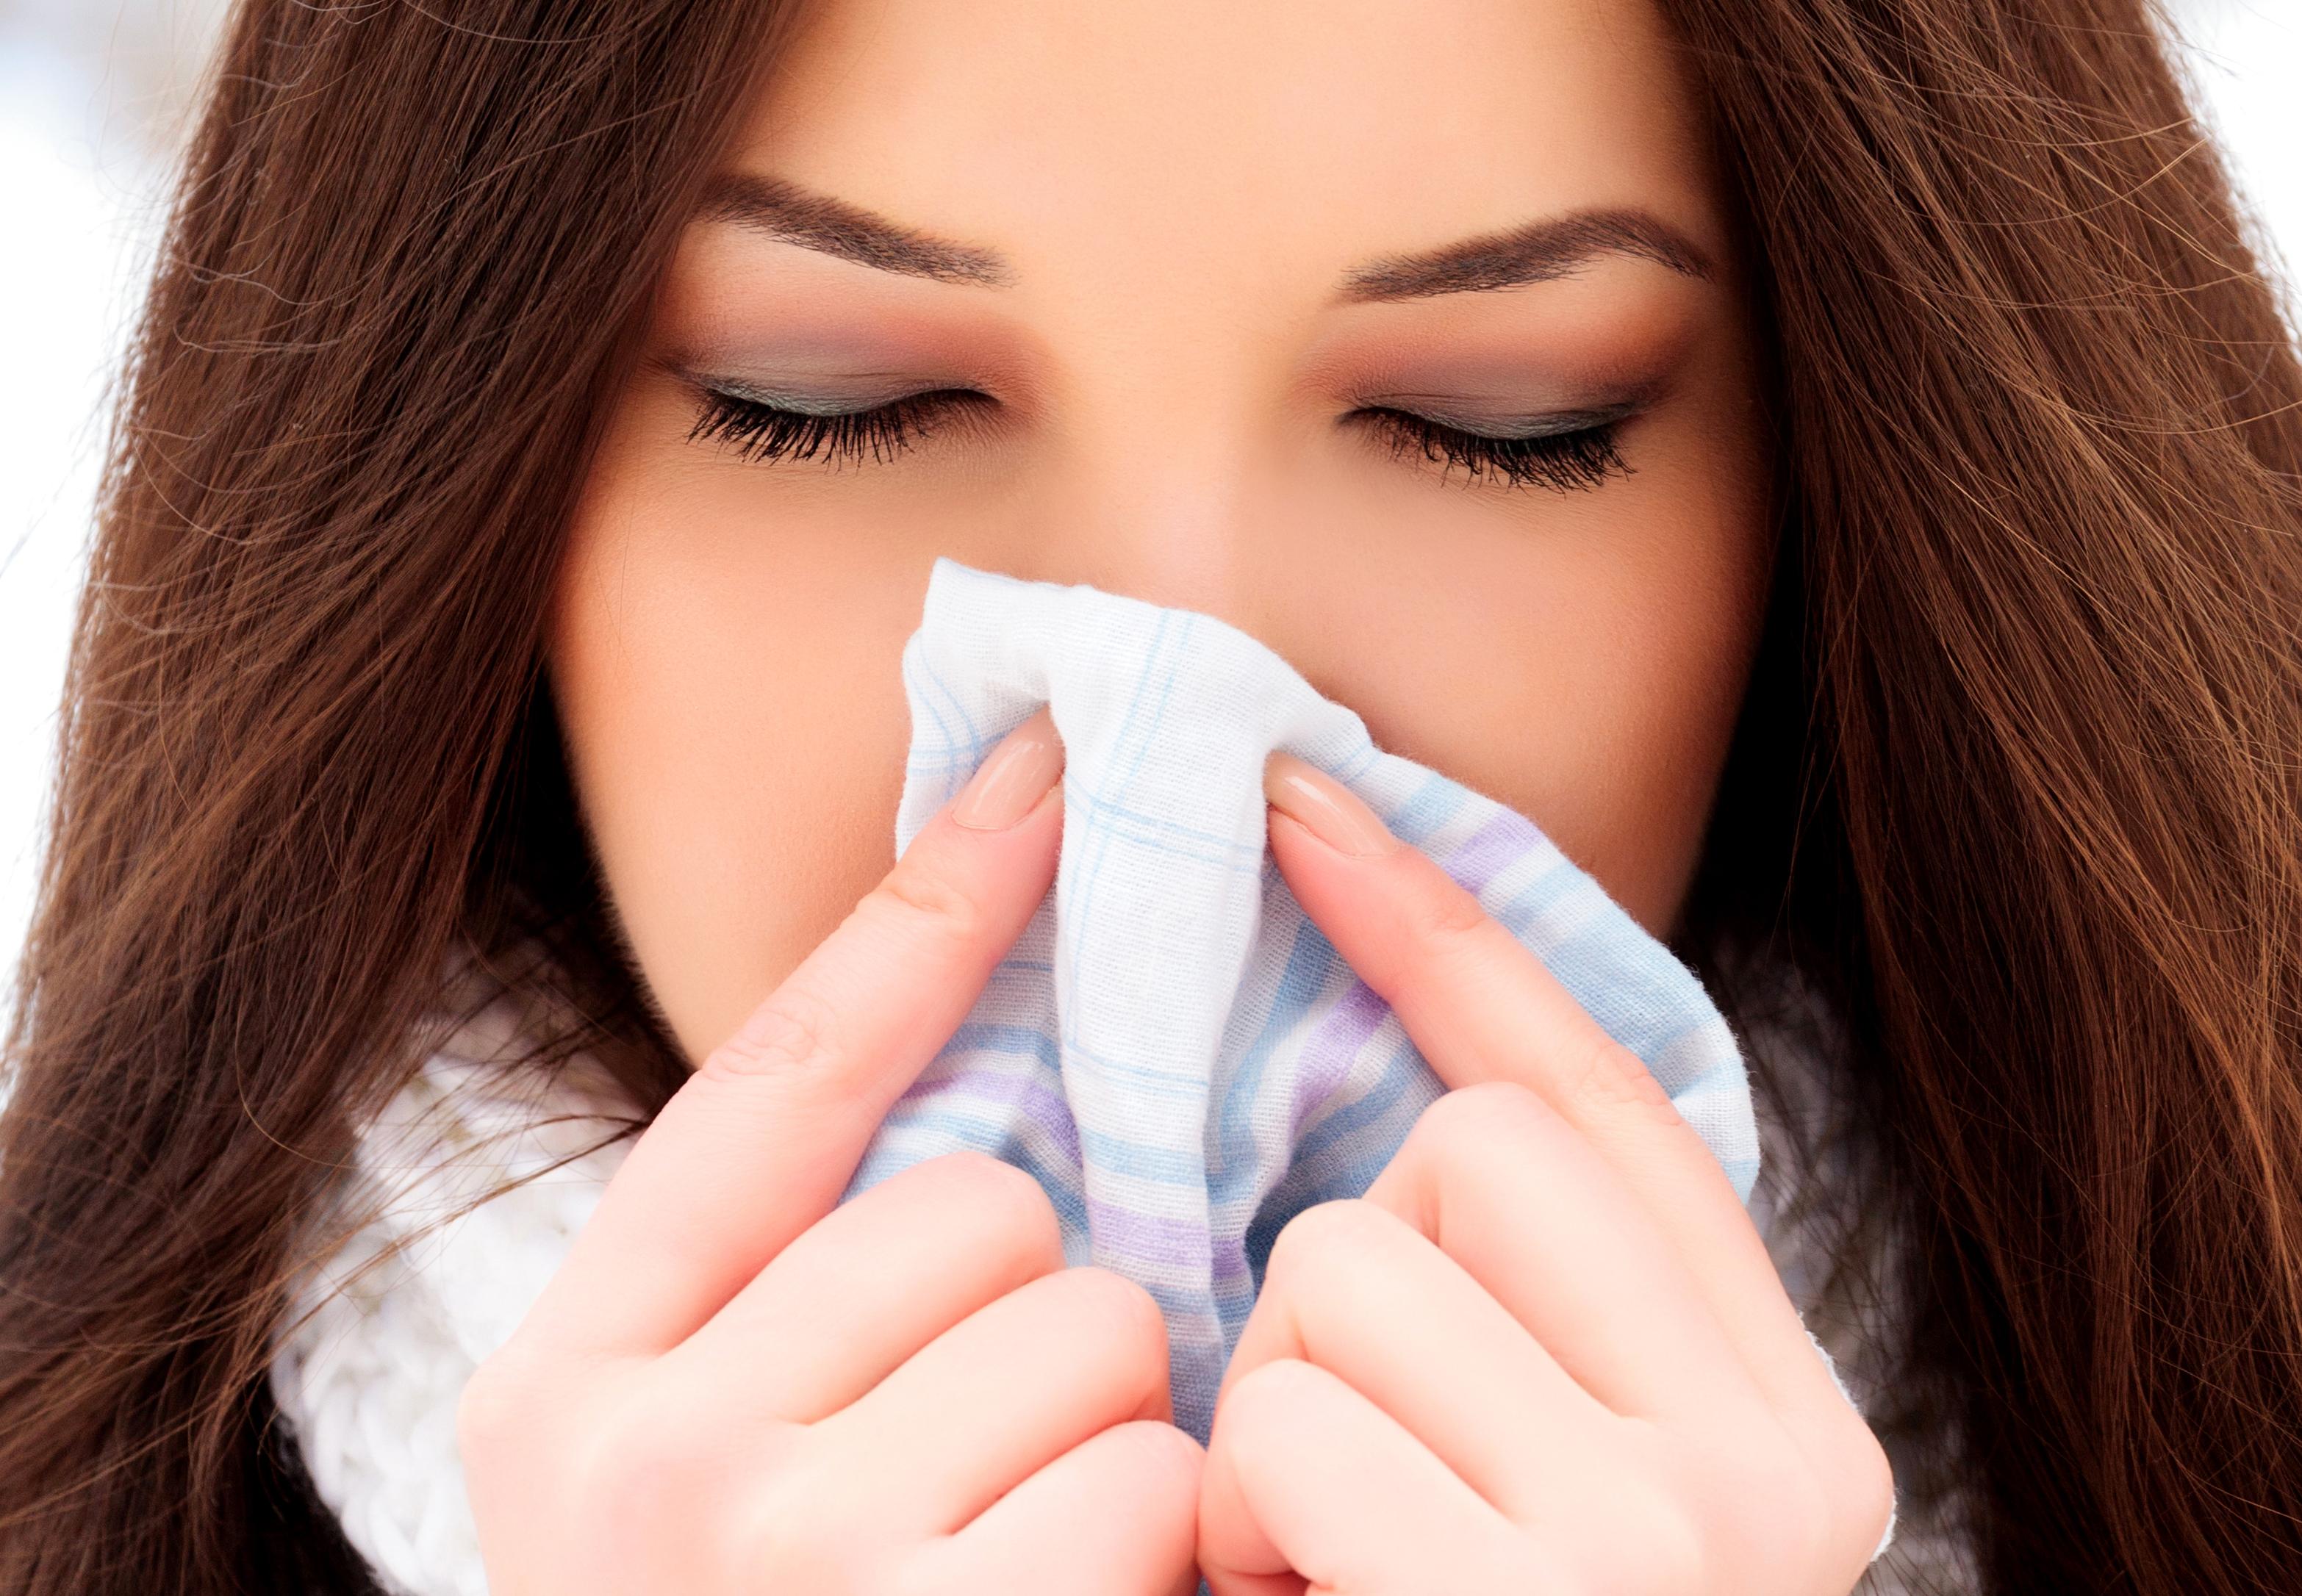 Näspolyper är utbuktningar på näsans slemhinna som kan ge svårigheter att andas genom näsan.